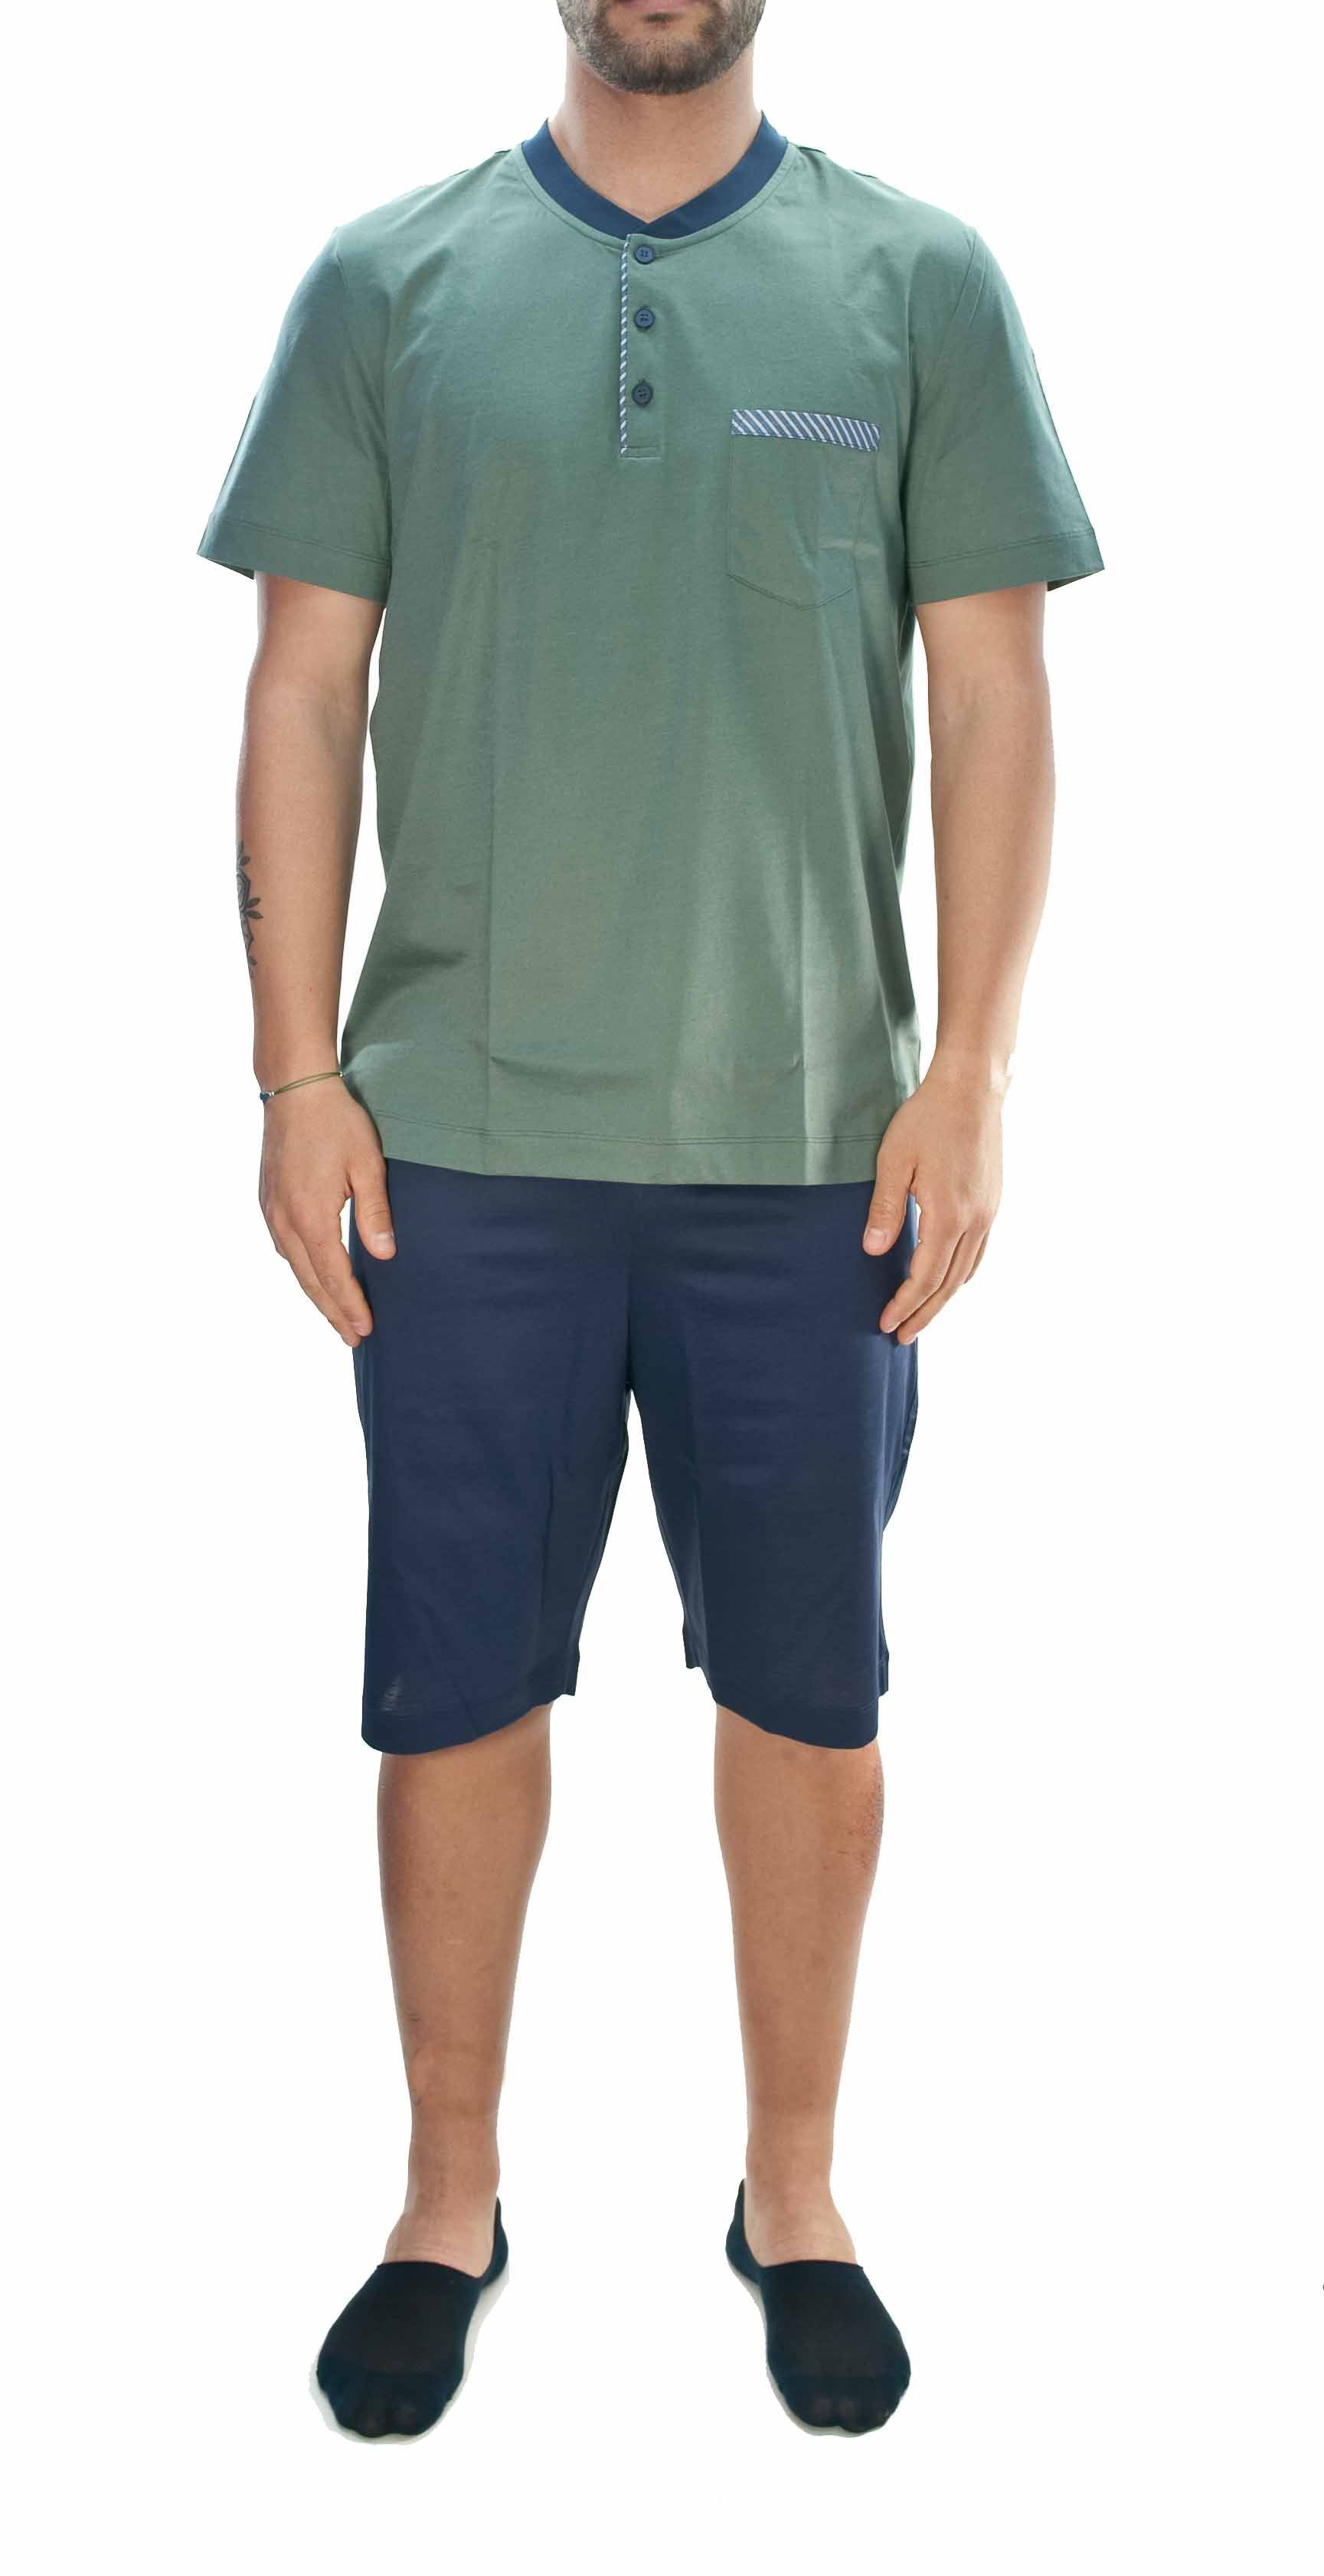 Picture of Pigiama corto in jersey di cotone verde